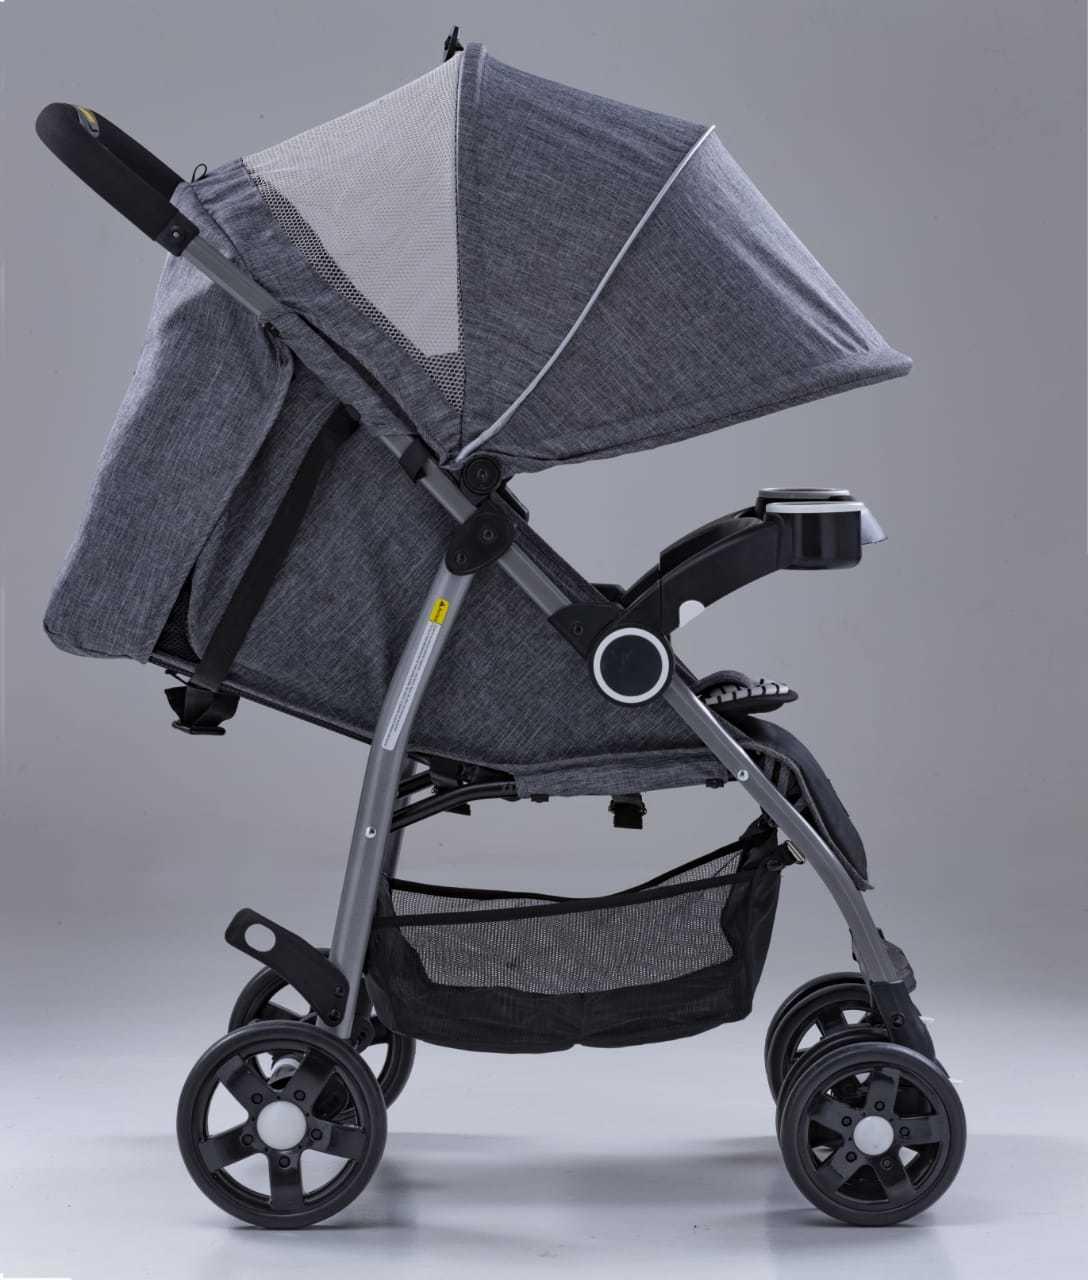 Carrinho de Bebê Modelo G6 Cinza Kangalup